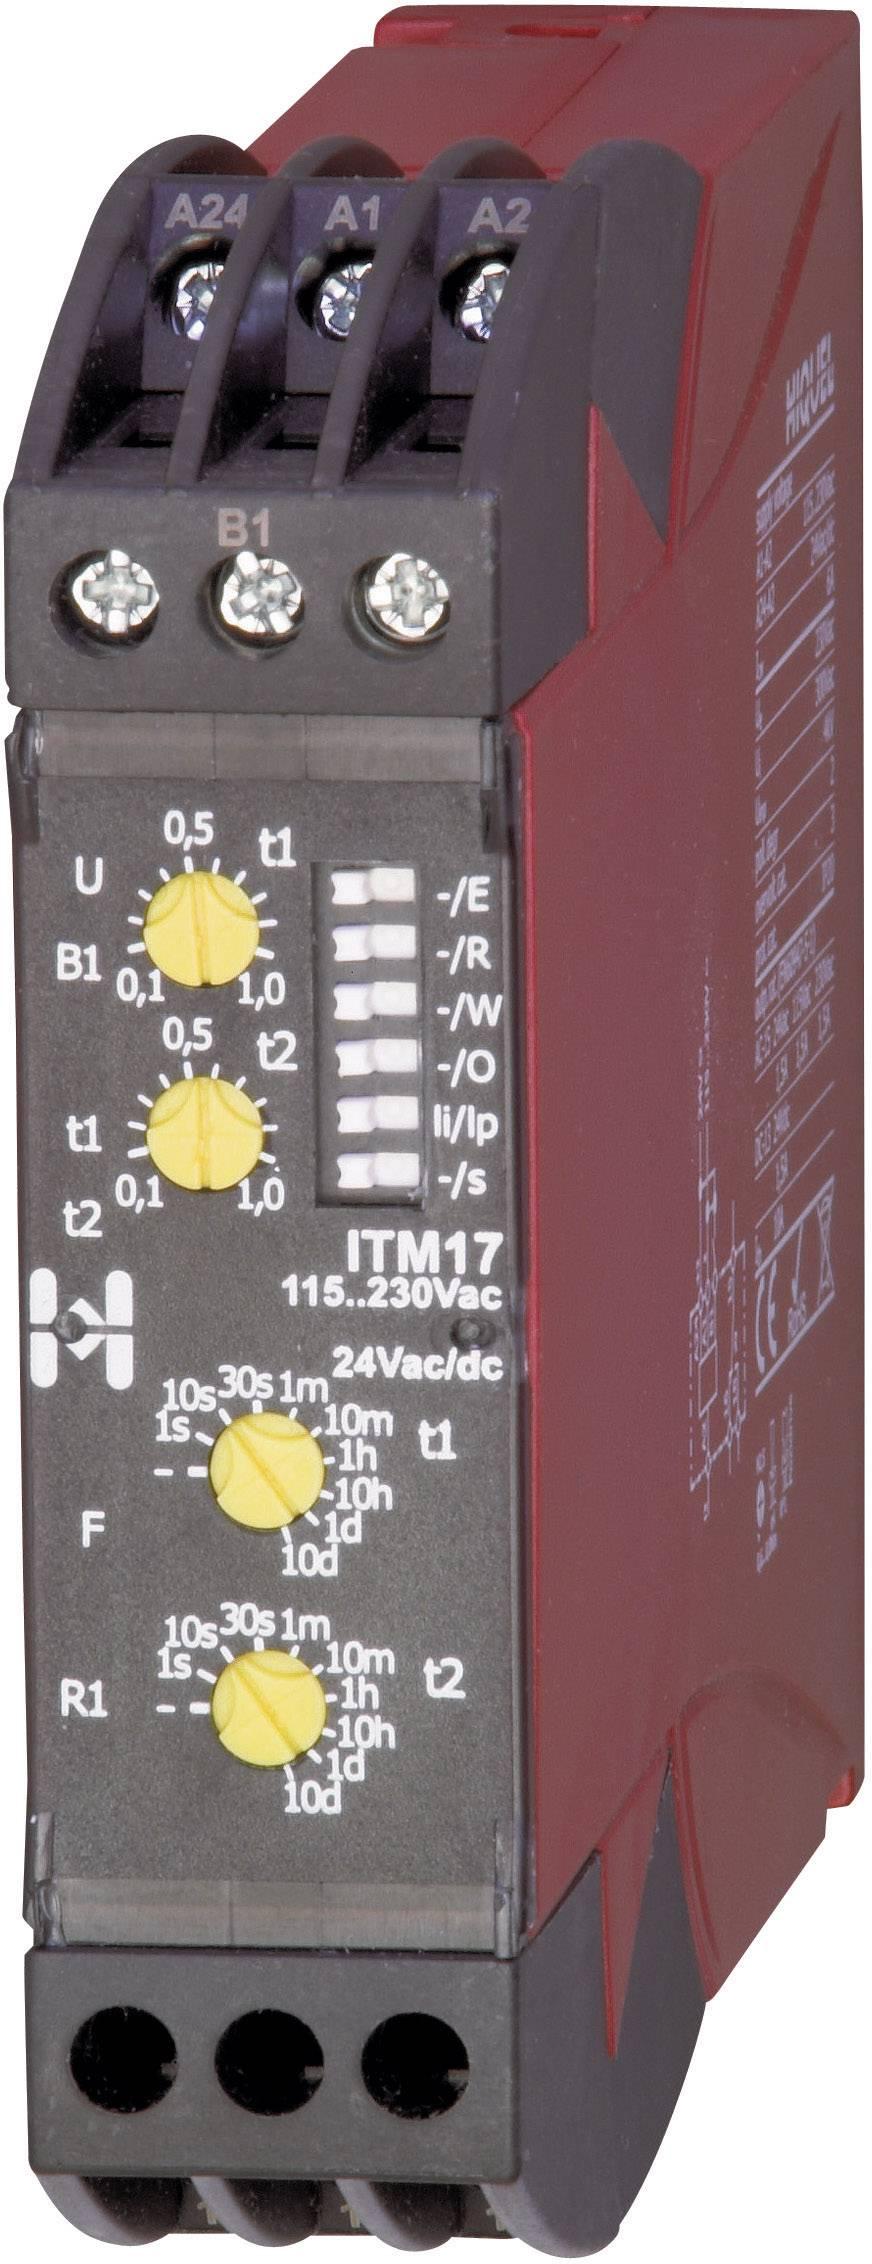 Časové relé multifunkčné Hiquel in-case ITM 17, 1 prepínací, 1 ks